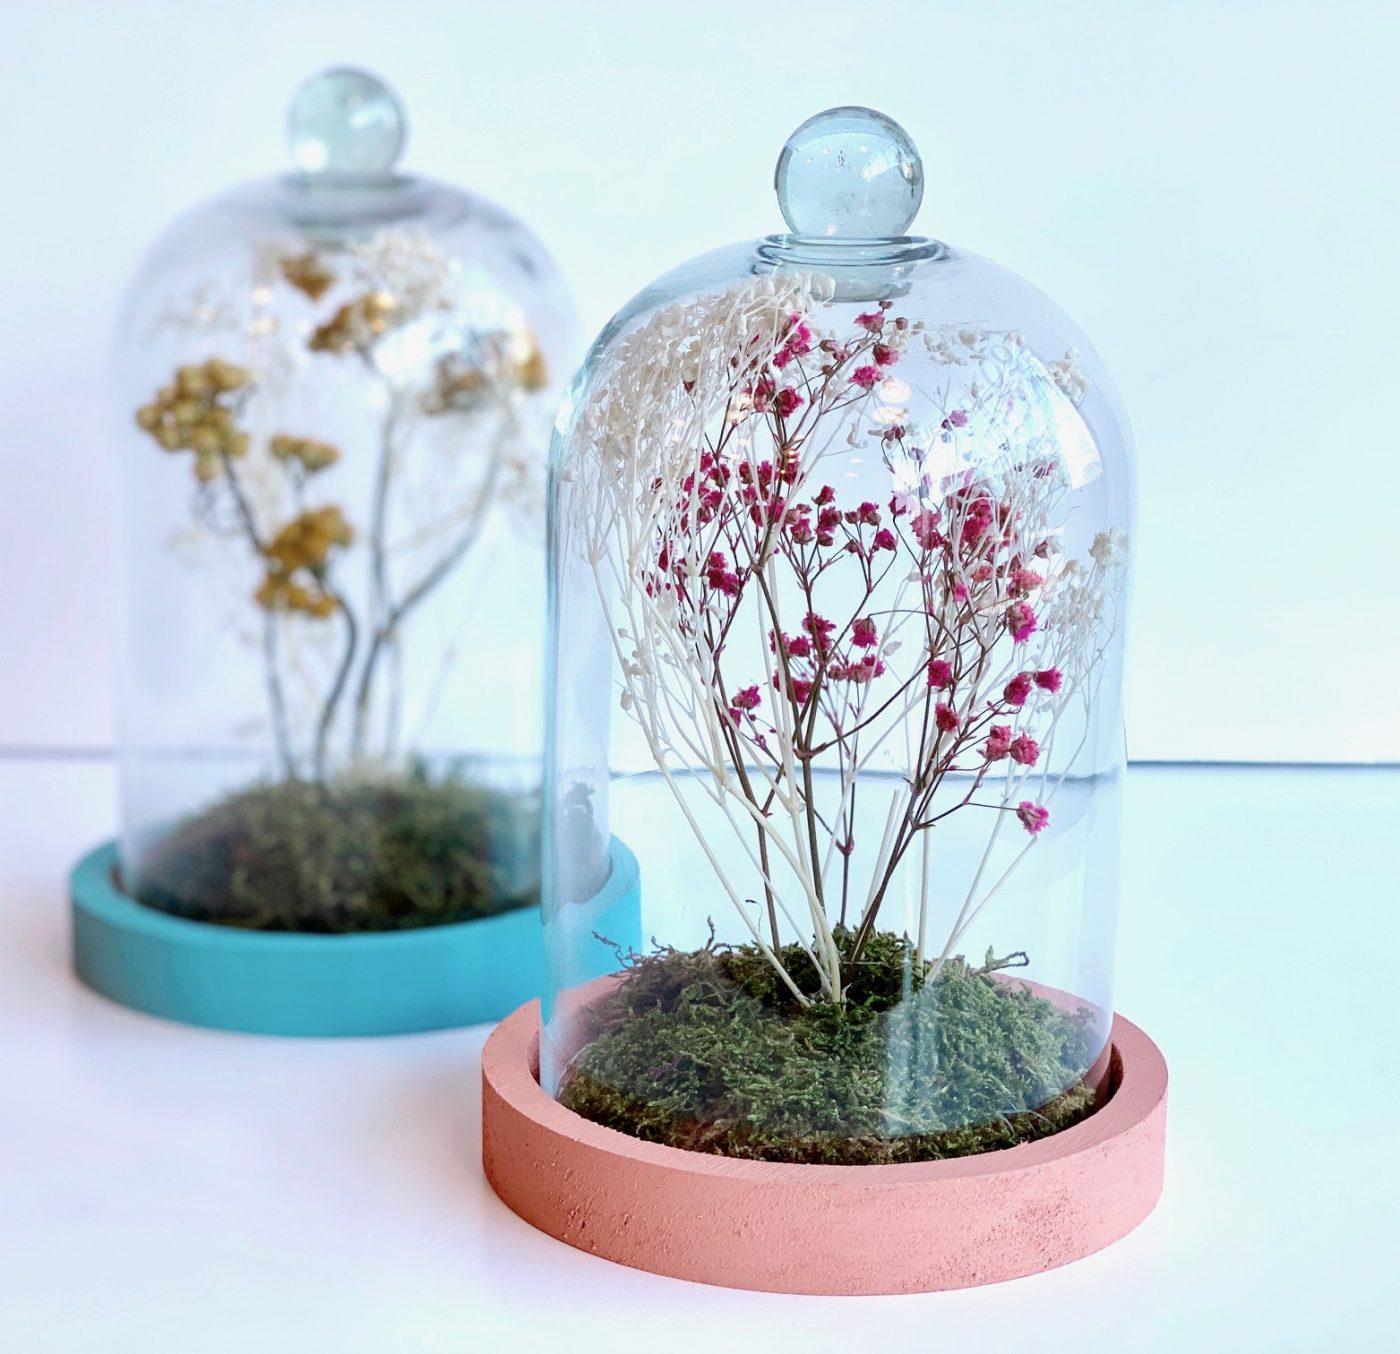 Idée cadeau DIY de fin d'année pour les maîtresses : une mini cloche végétale !